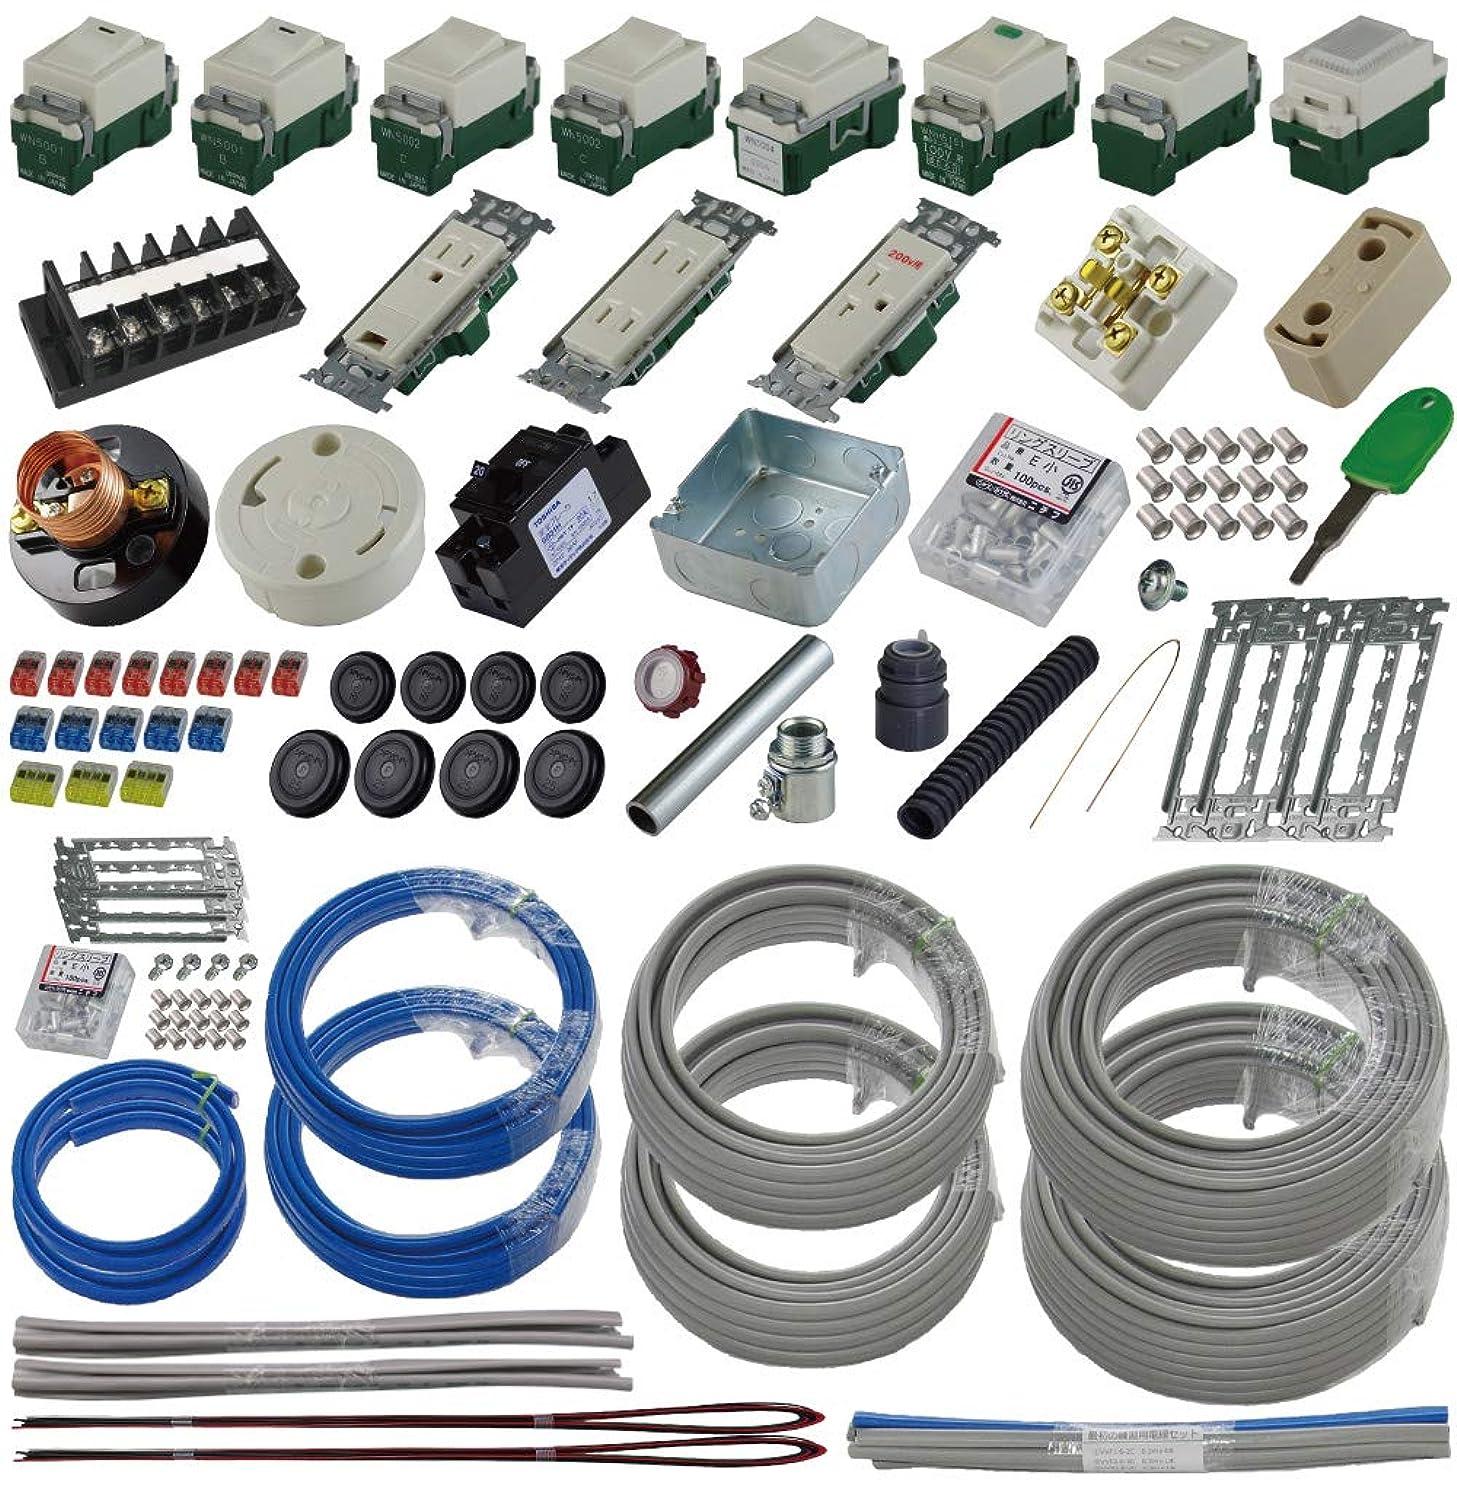 杭手協力準備万端 (2回練習分) 第二種電気工事士技能試験練習用材料 「全13問分の器具?電線セット」